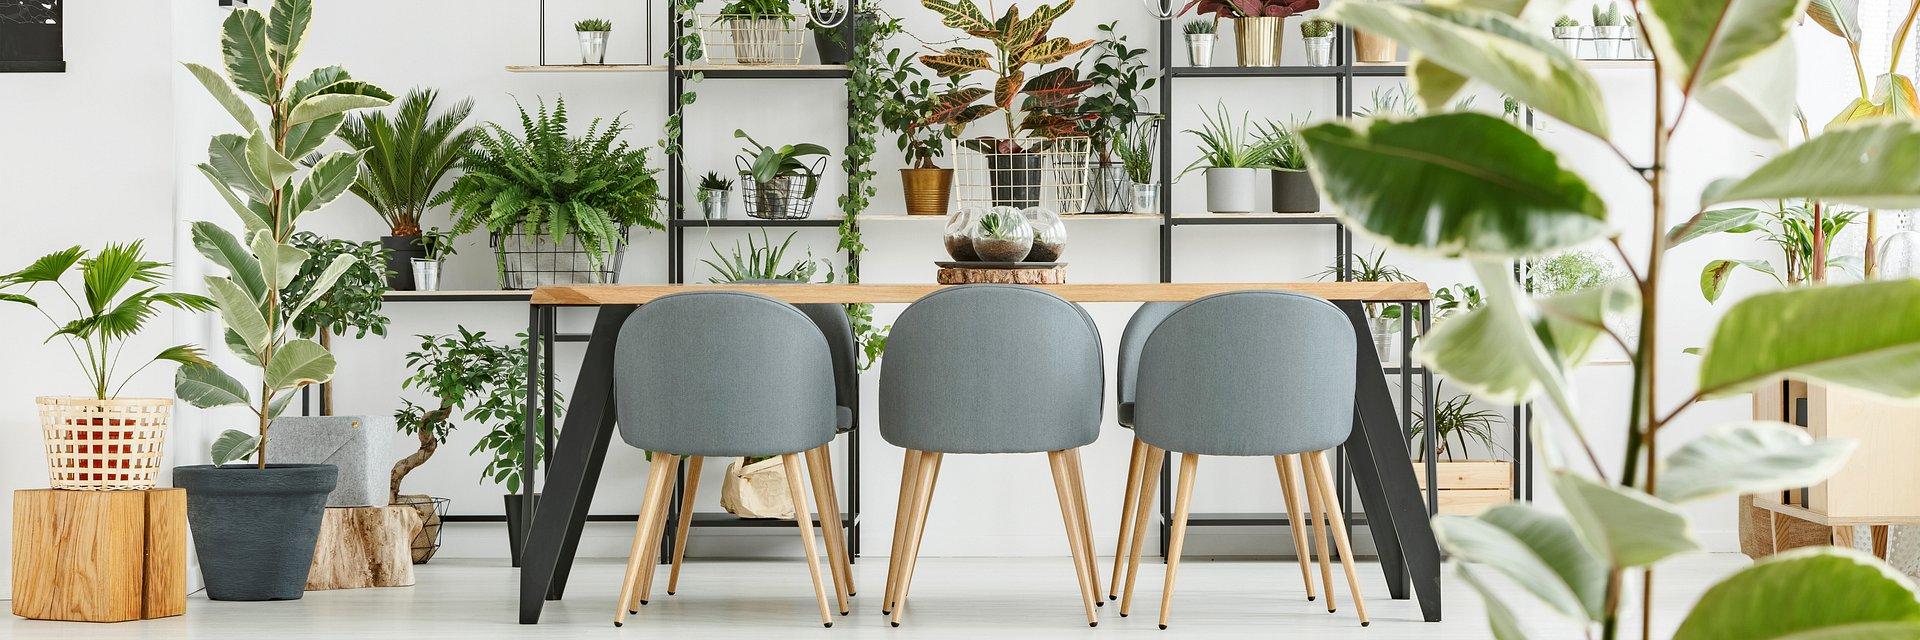 Biophilic design - ważny trend w projektowaniu przestrzeni biurowej